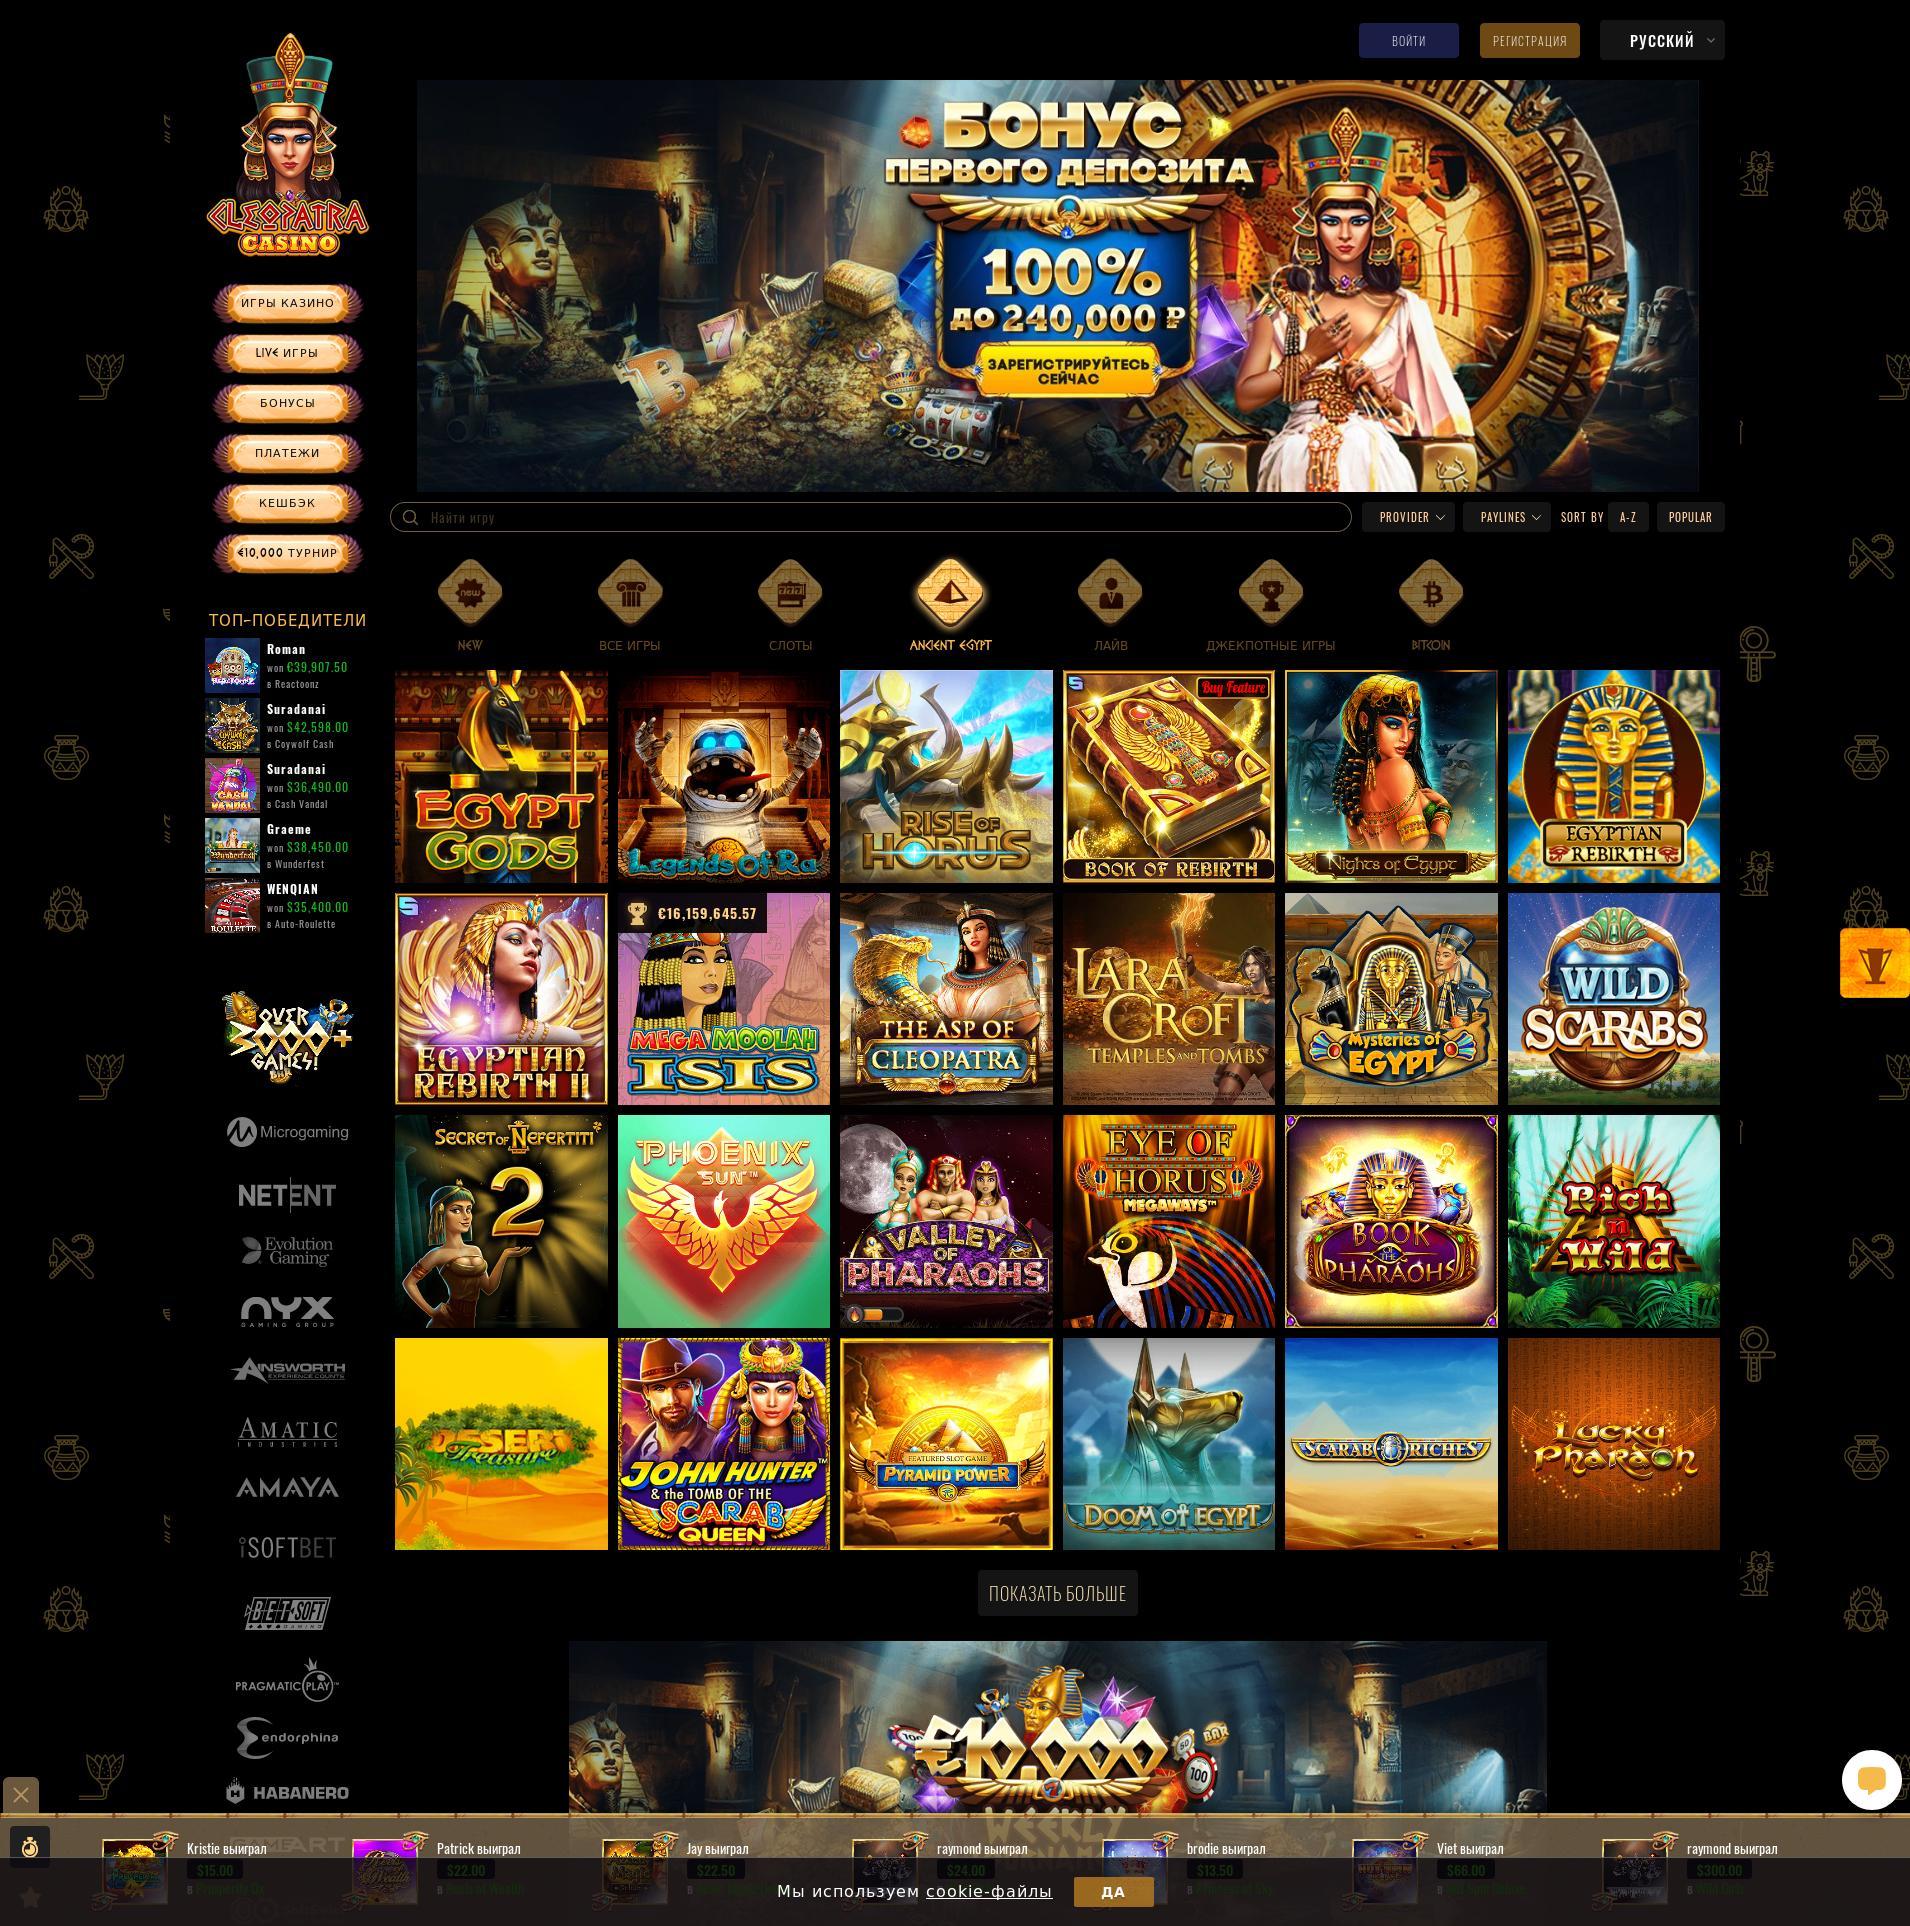 Казино снимок Lobby 2020-04-04 для Россия